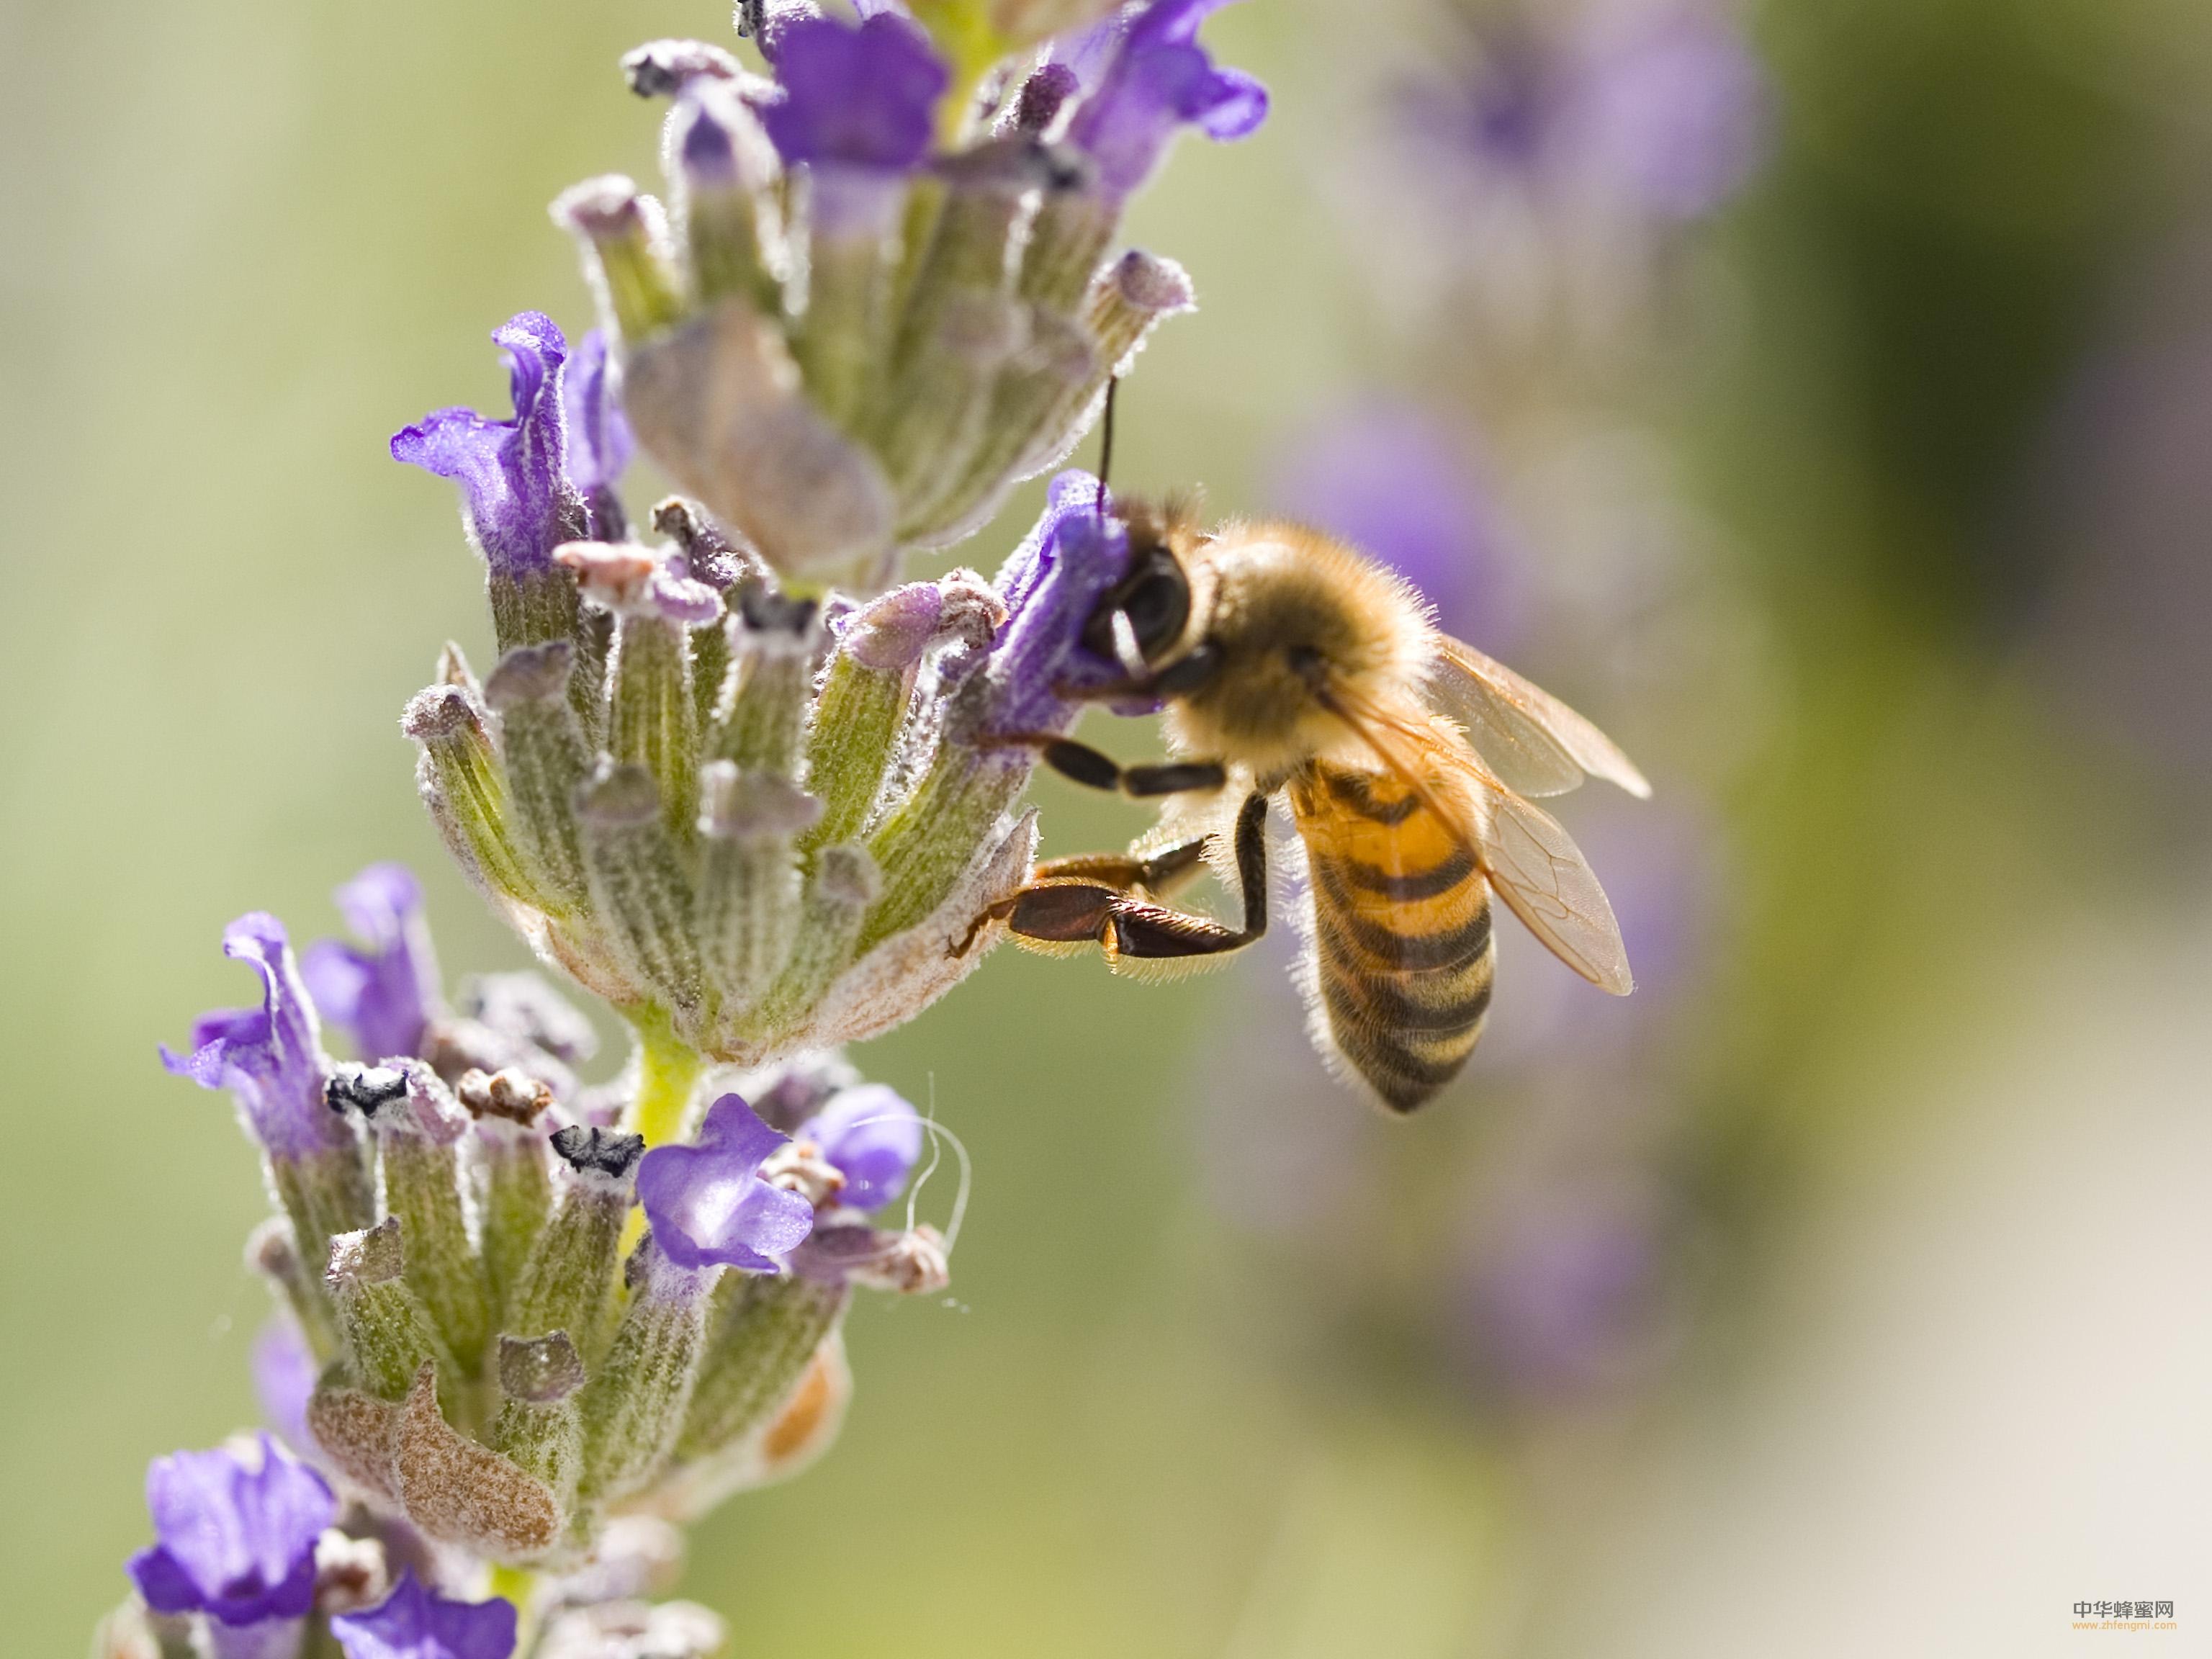 蜜蜂 养蜂技术 分蜂热 育王